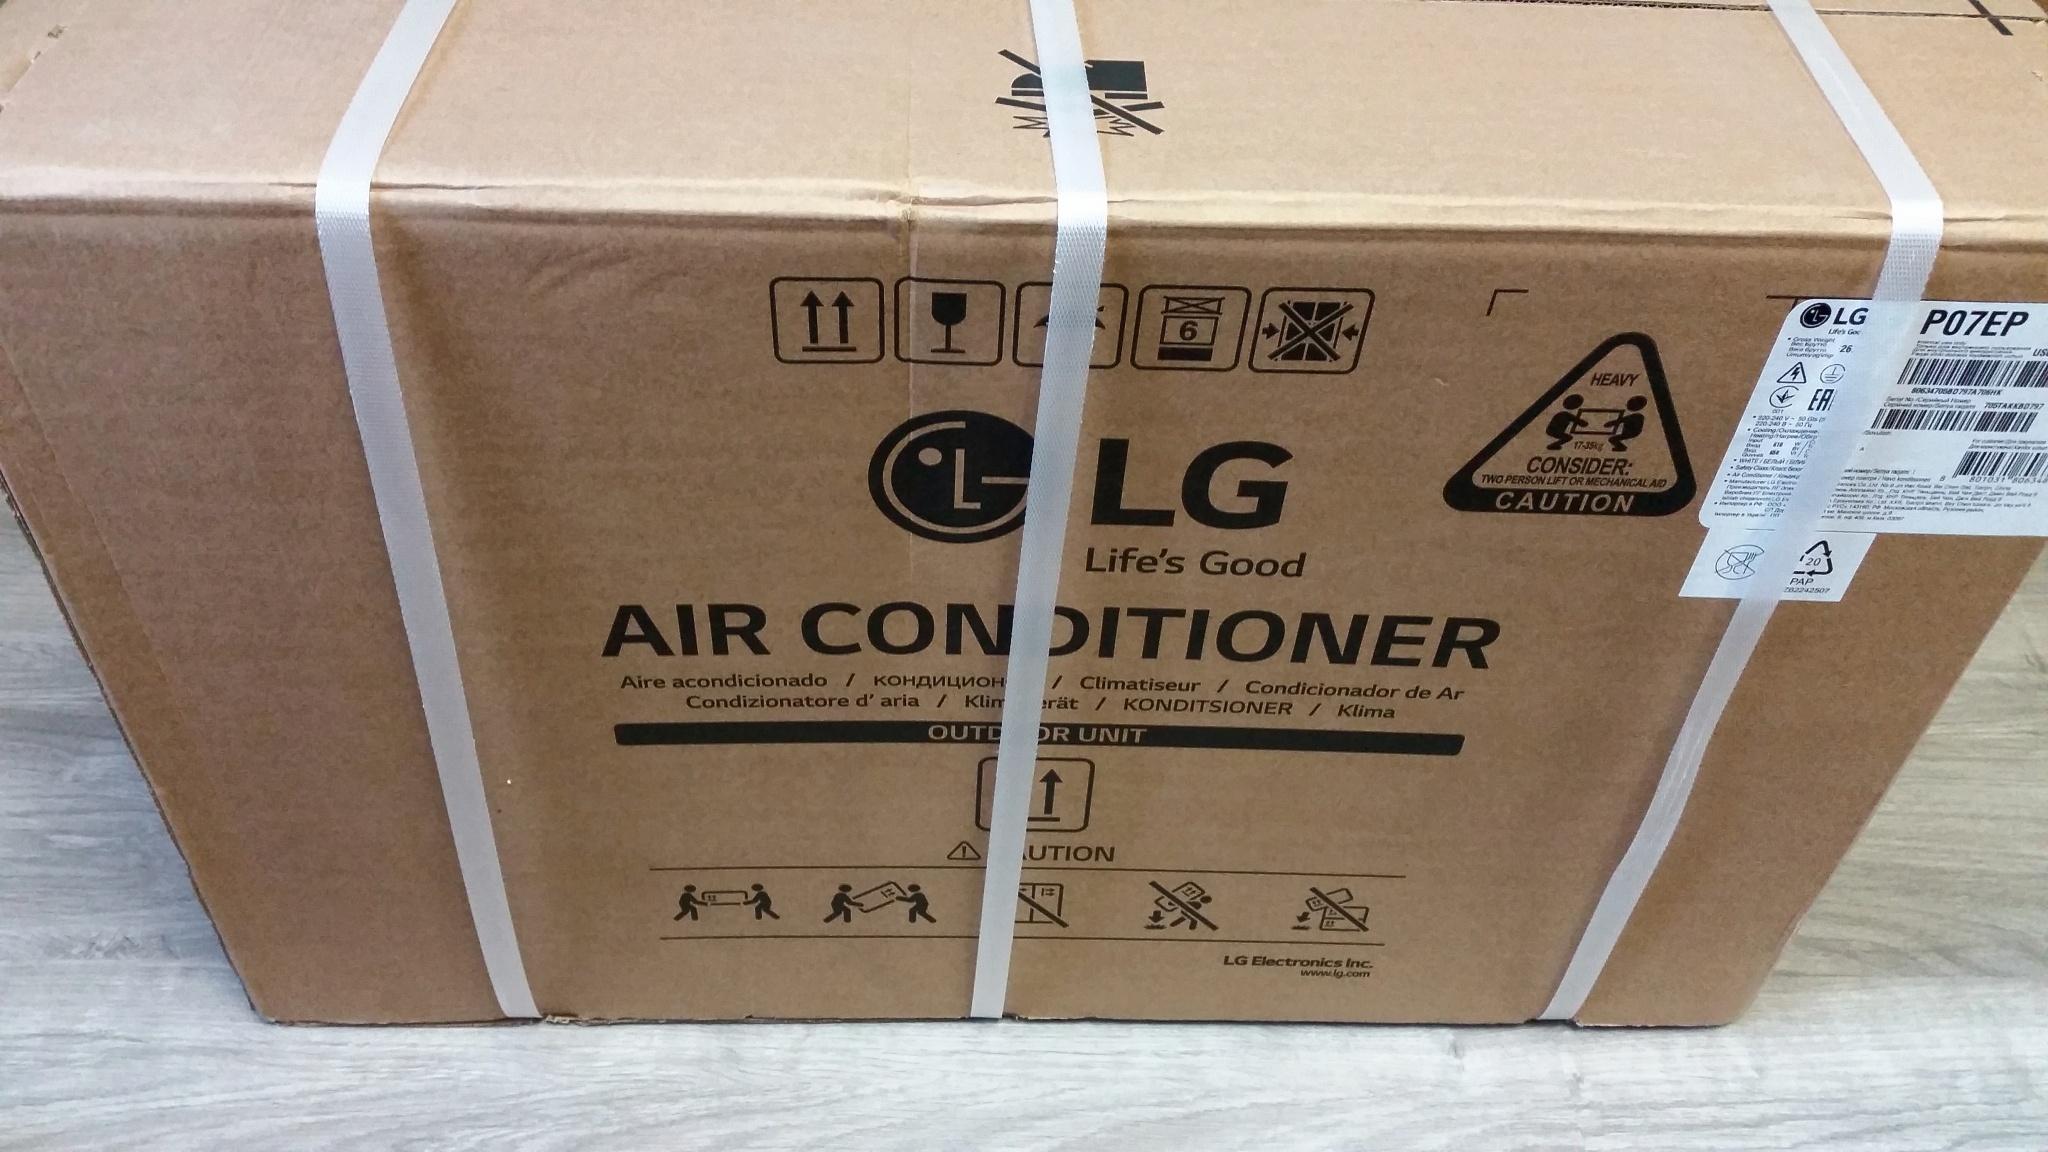 Кондиционер lg p07ep - купить | цены | обзоры и тесты | отзывы | параметры и характеристики | инструкция